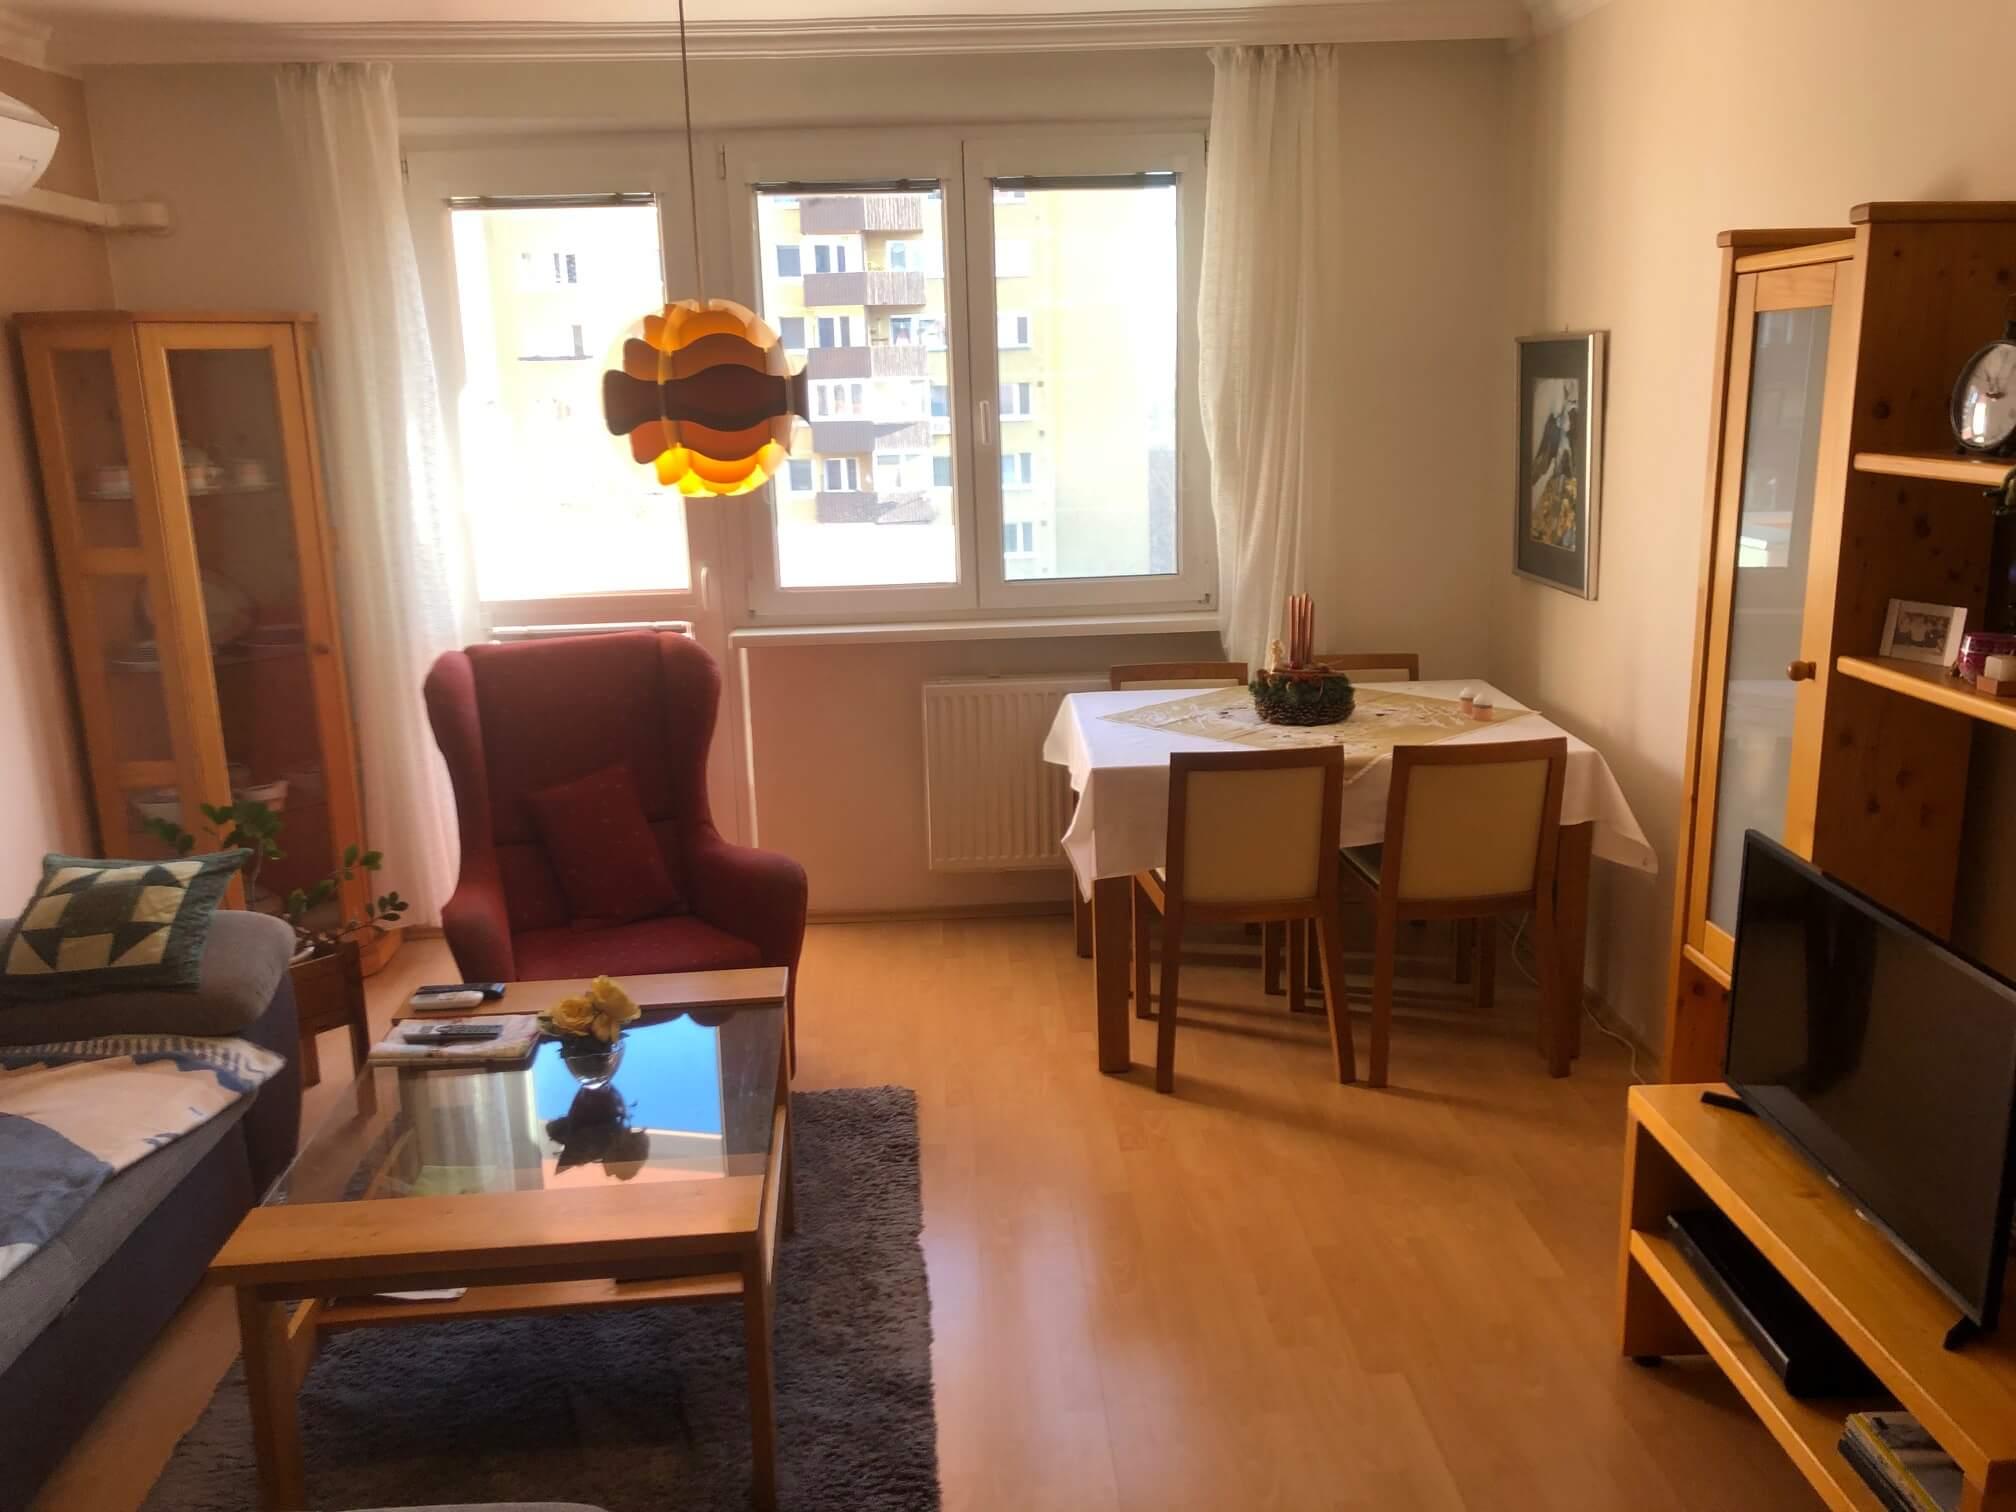 Exkluzívne na predaj 3 izbový byt, Devínska Nová Ves, Jána Poničana 3, 65m2, balkon 4m2,klimatizácia-1